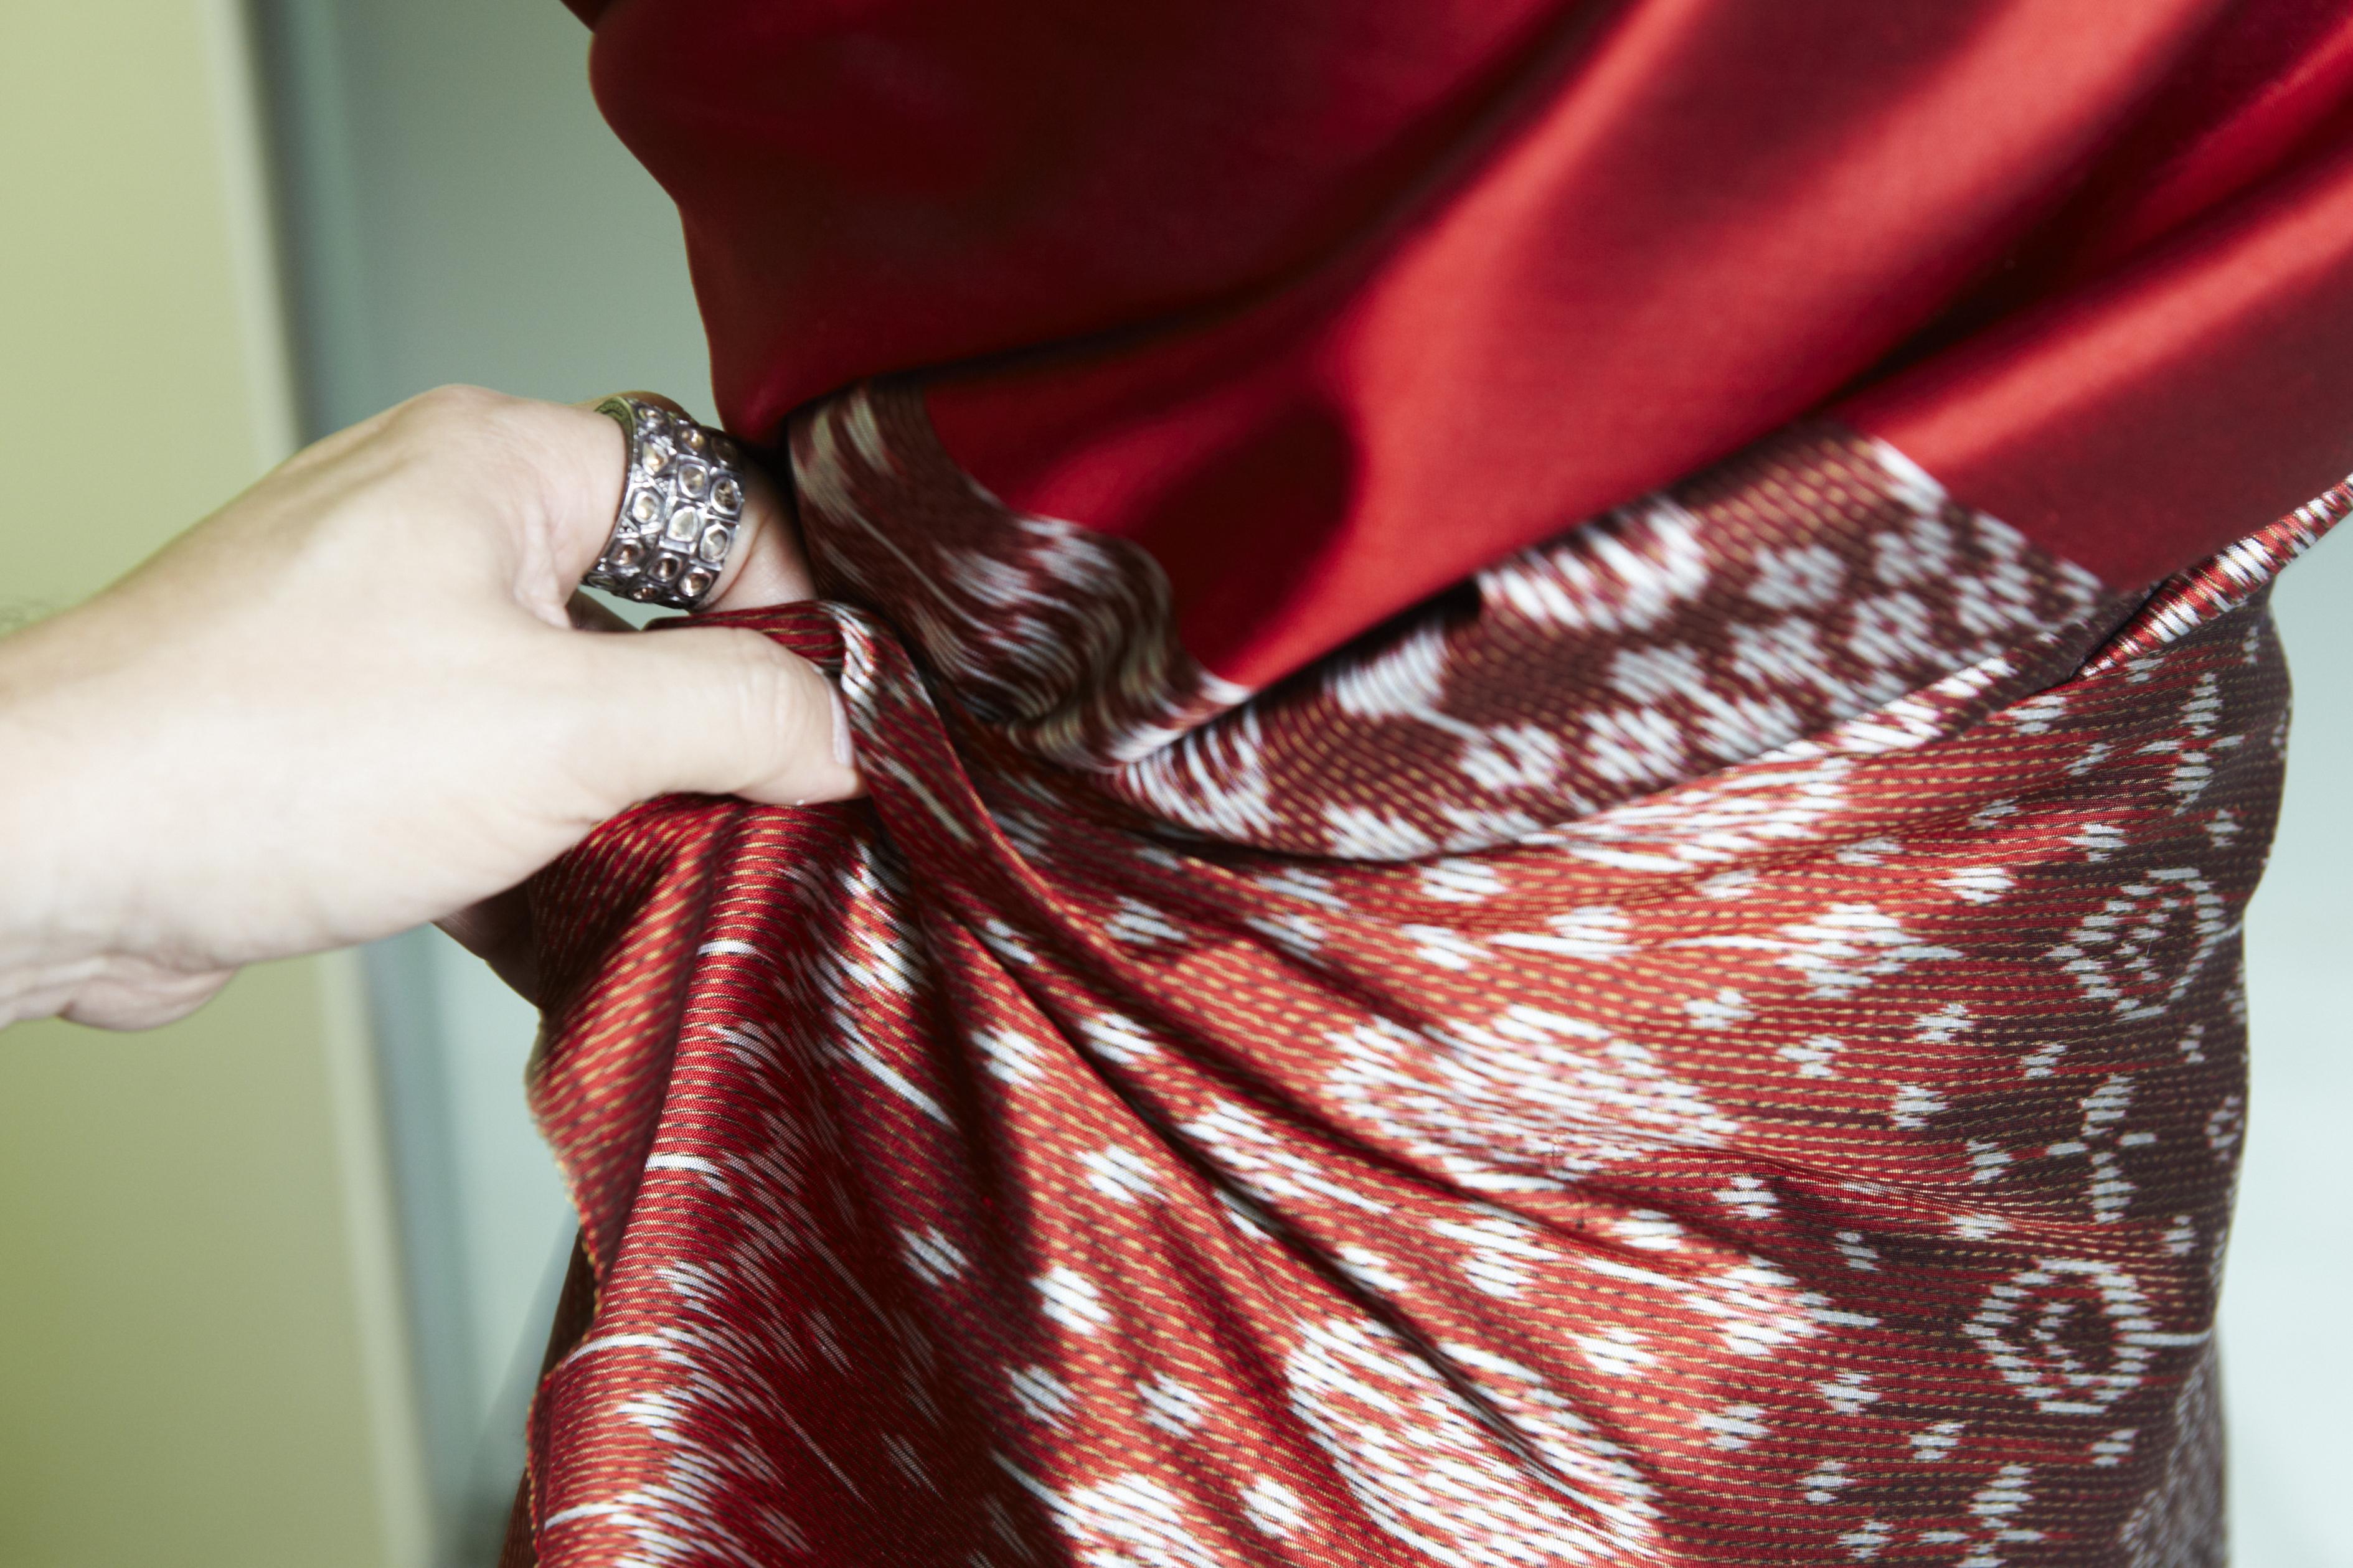 ลานผ้าไหม ศูนย์รวมผ้าไหมคุณภาพดีจากทั่วทุกภูมิภาคของประเทศไทย